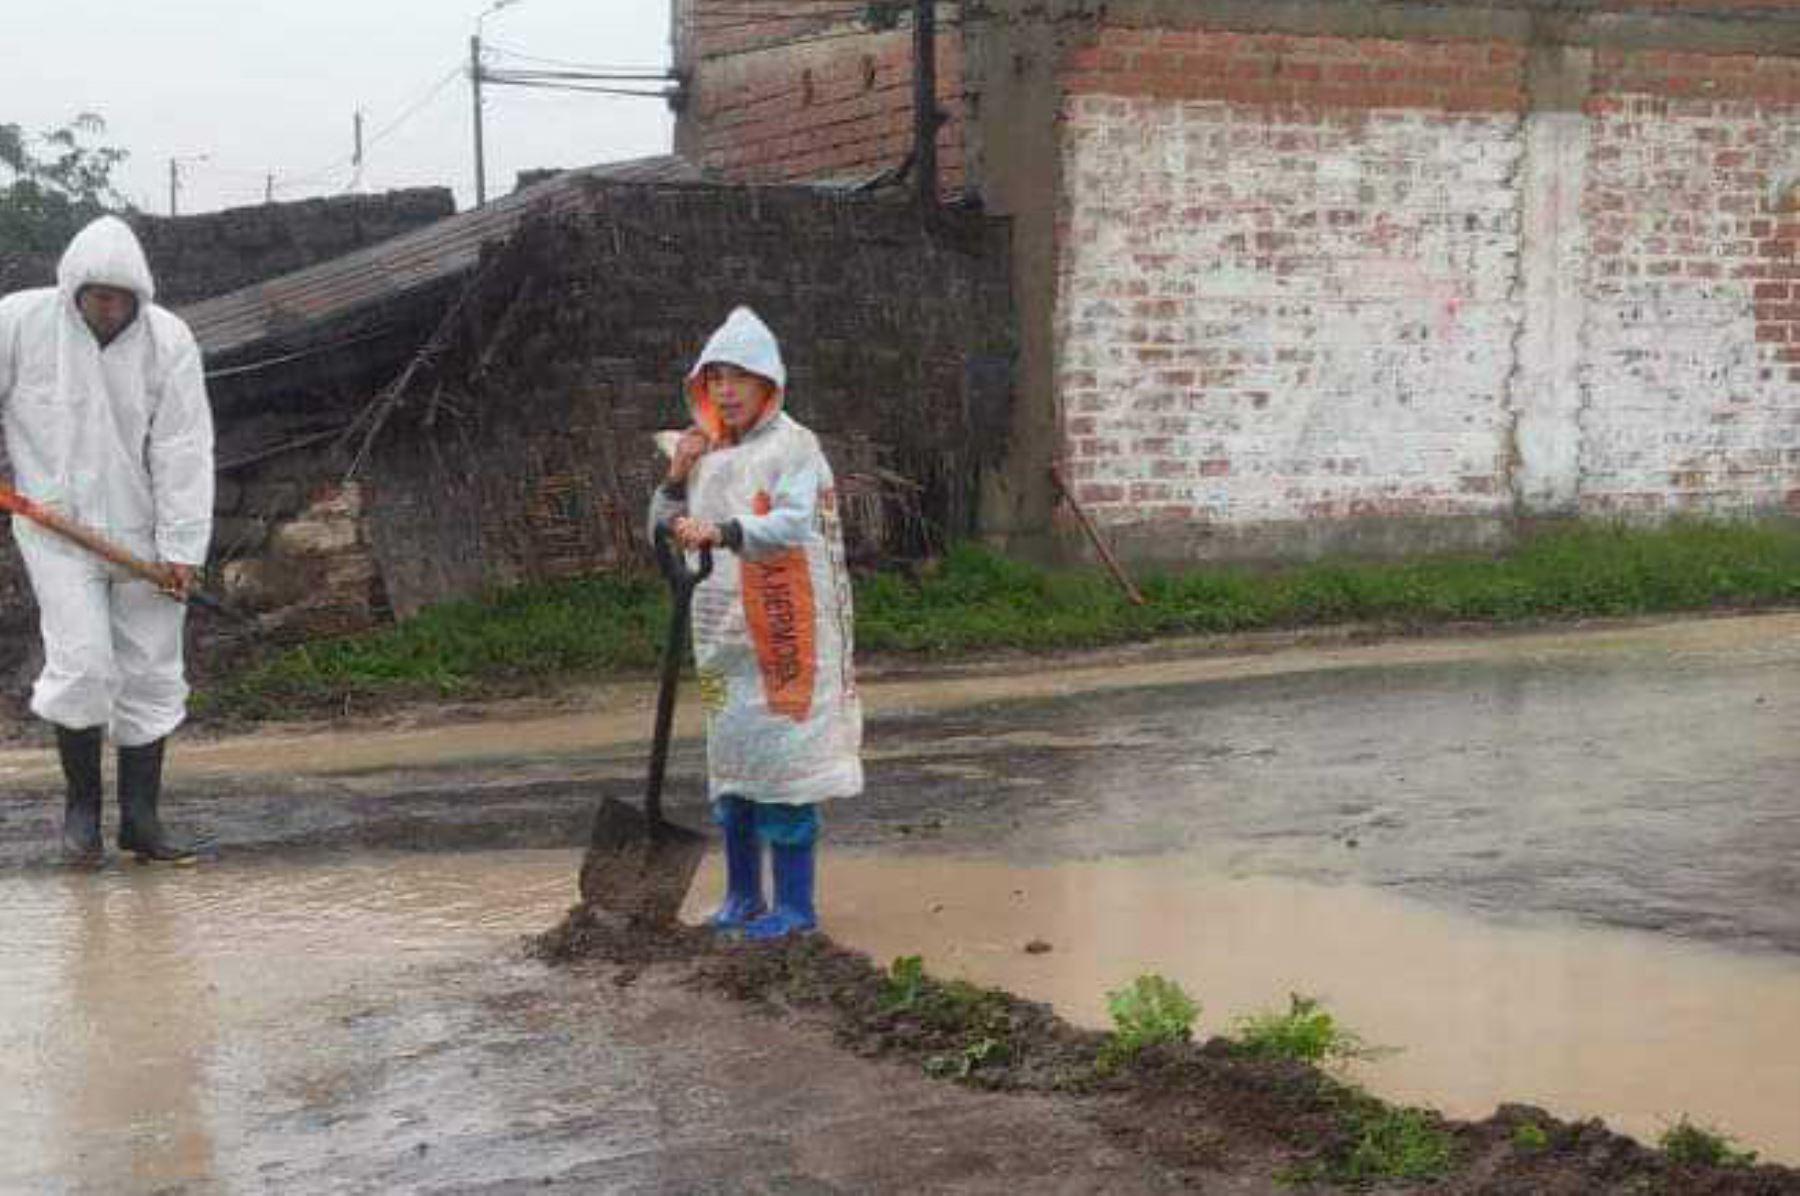 El Servicio Nacional de Meteorología e Hidrología (Senamhi) informó que desde hoy hasta el martes 5 de febrero, acontecerán lluvias en la sierra y costa norte del país, las mismas que afectarían 154 provincias situadas en 19 departamentos. ANDINA/Difusión